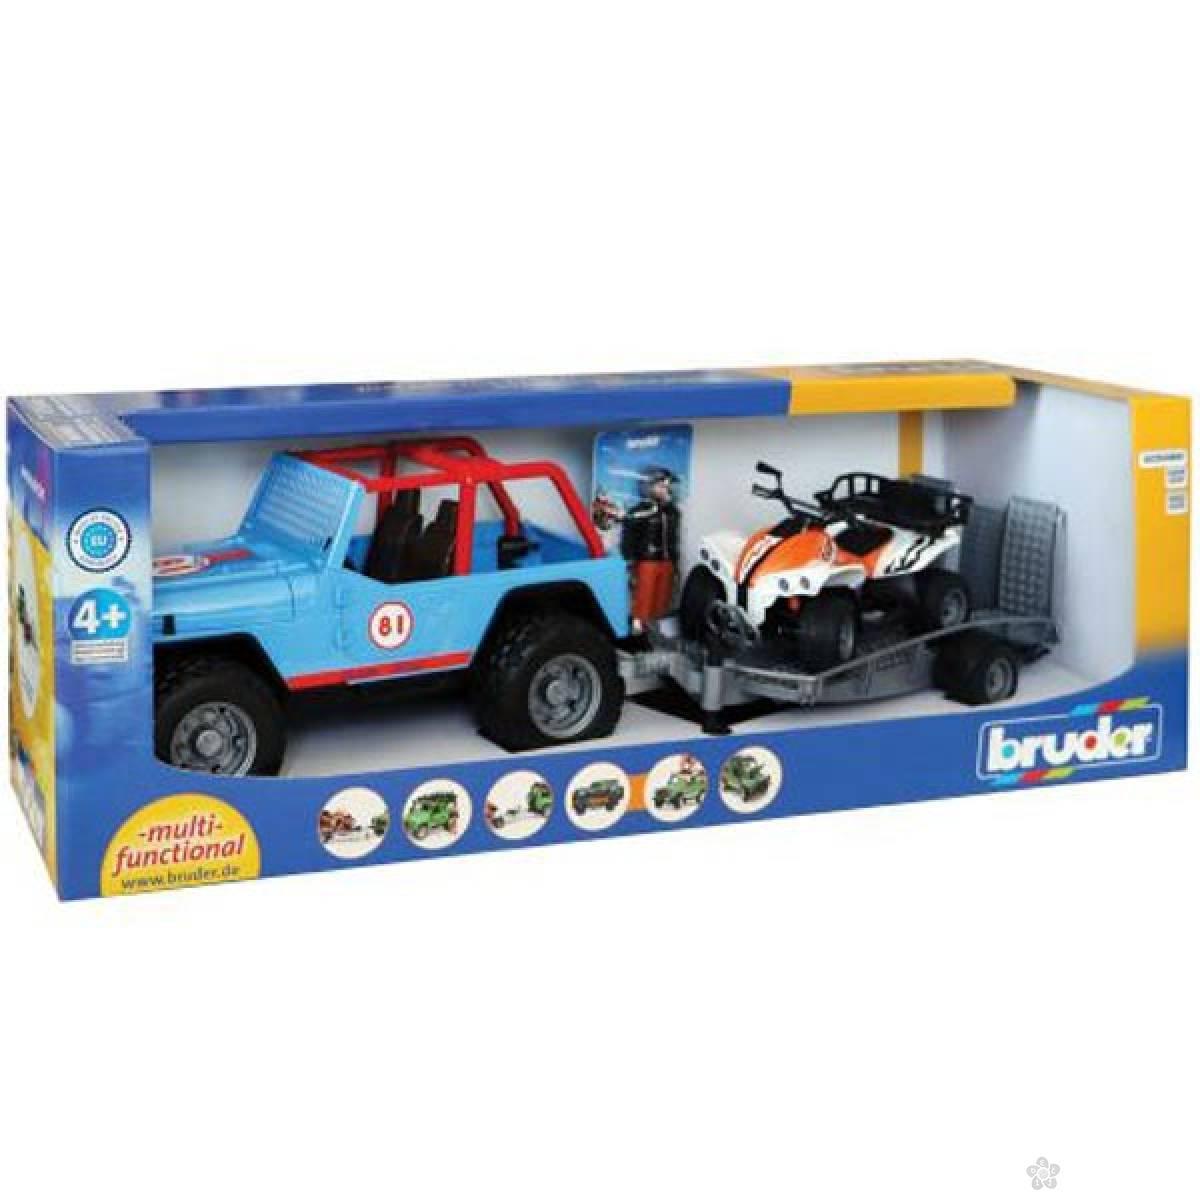 Džip Cross sa prikolicom i Quad motorom sa vozačem 016968